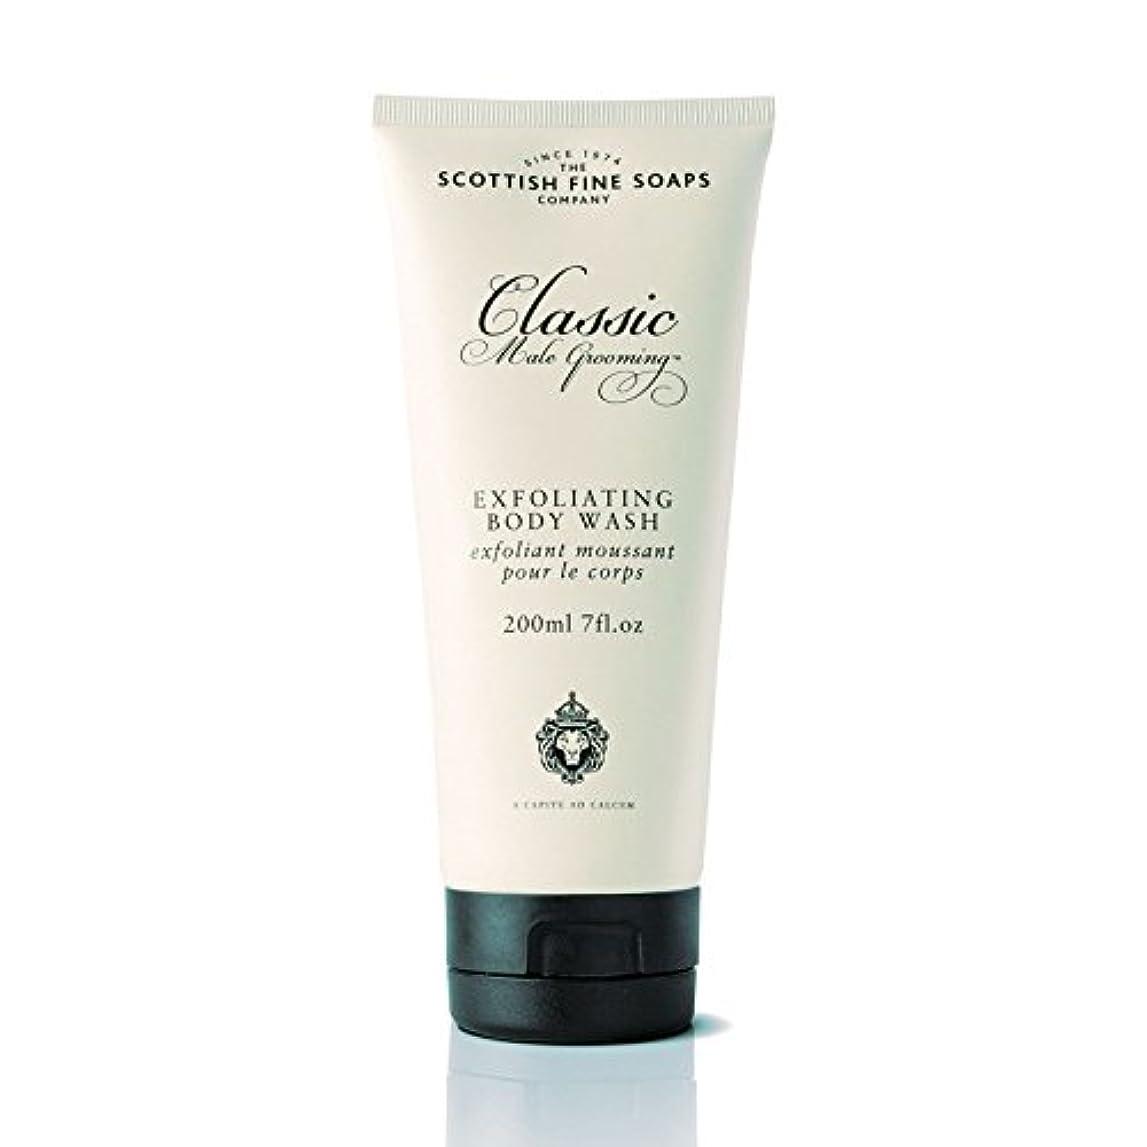 国勢調査適性モードSCOTTISH FINE SOAPS(スコティッシュファインソープ) Classic Male Grooming(クラシックグルーミングシリーズ) ボディウォッシュ 200ml 5016365002509